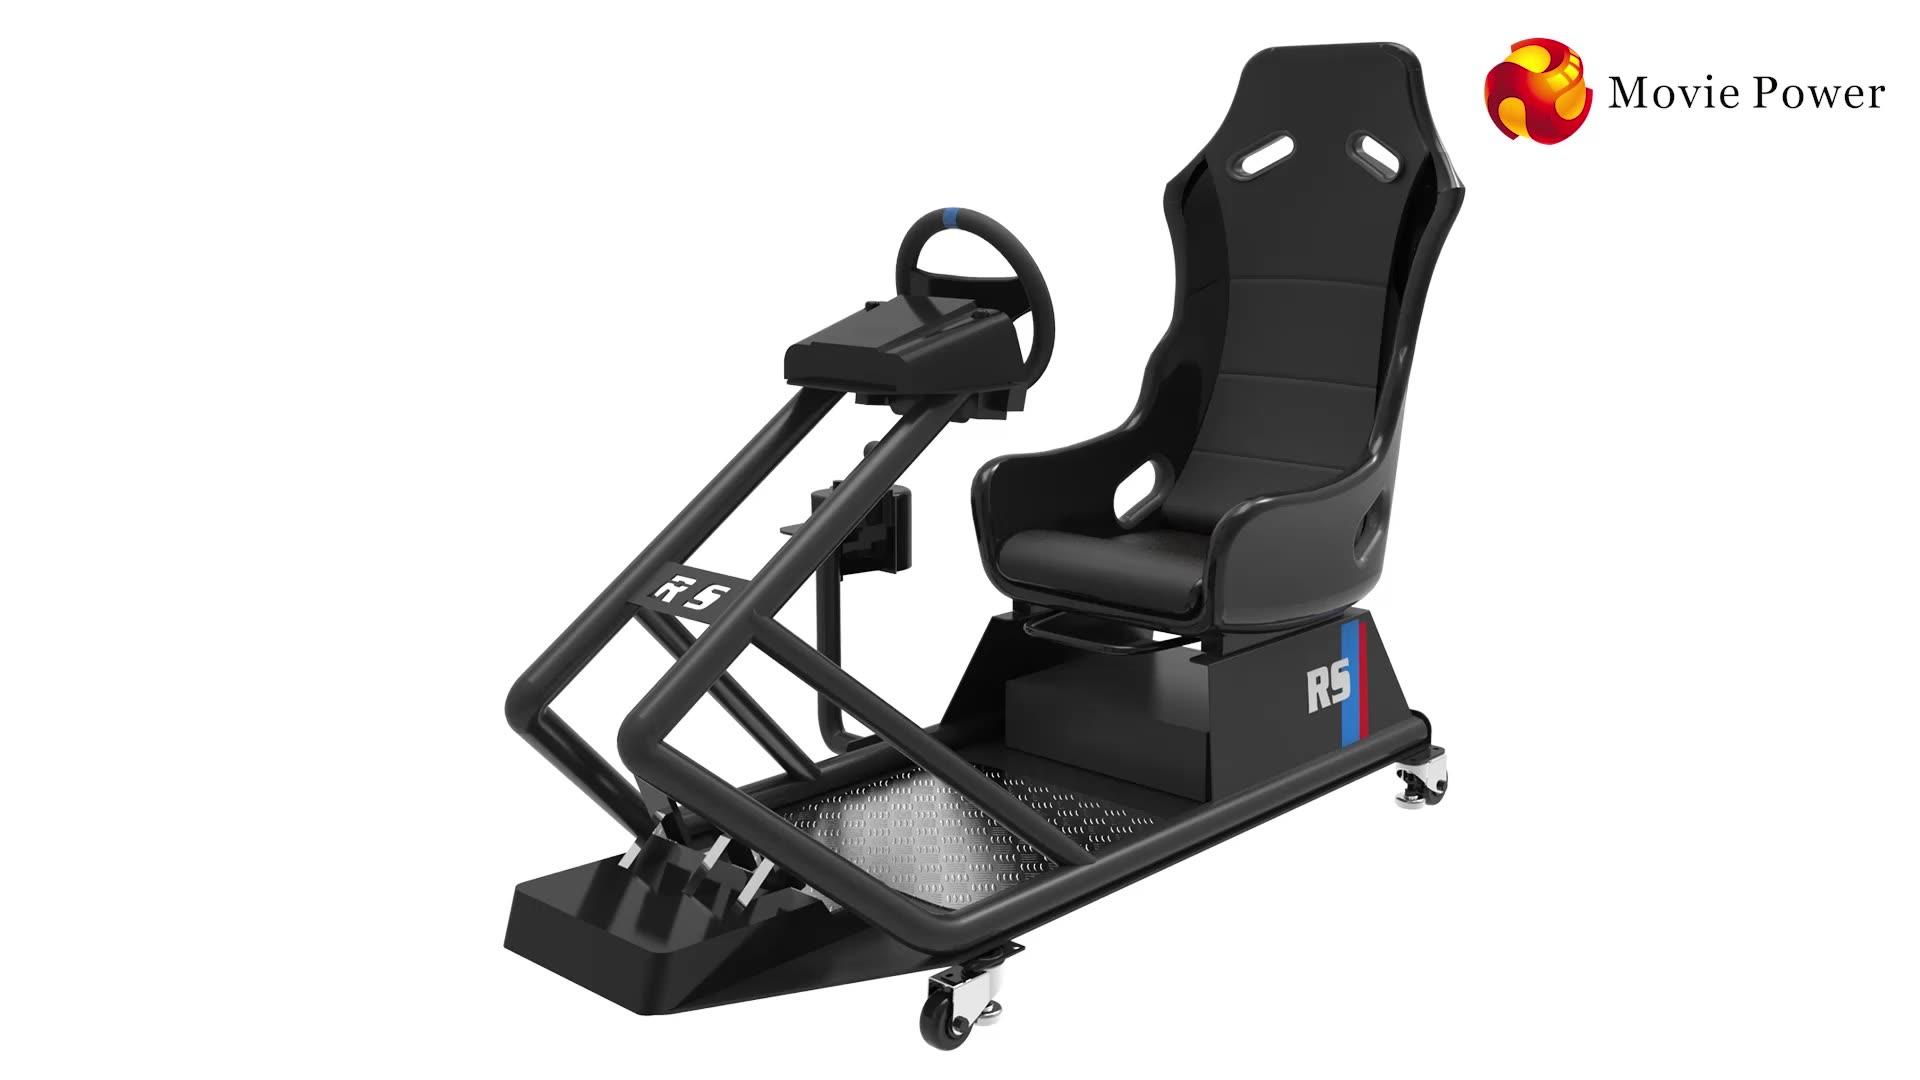 Новый дизайн мини симулятор вождения стул гоночный автомобиль игра с F1 игра автомобиль симулятор кокпит на продажу